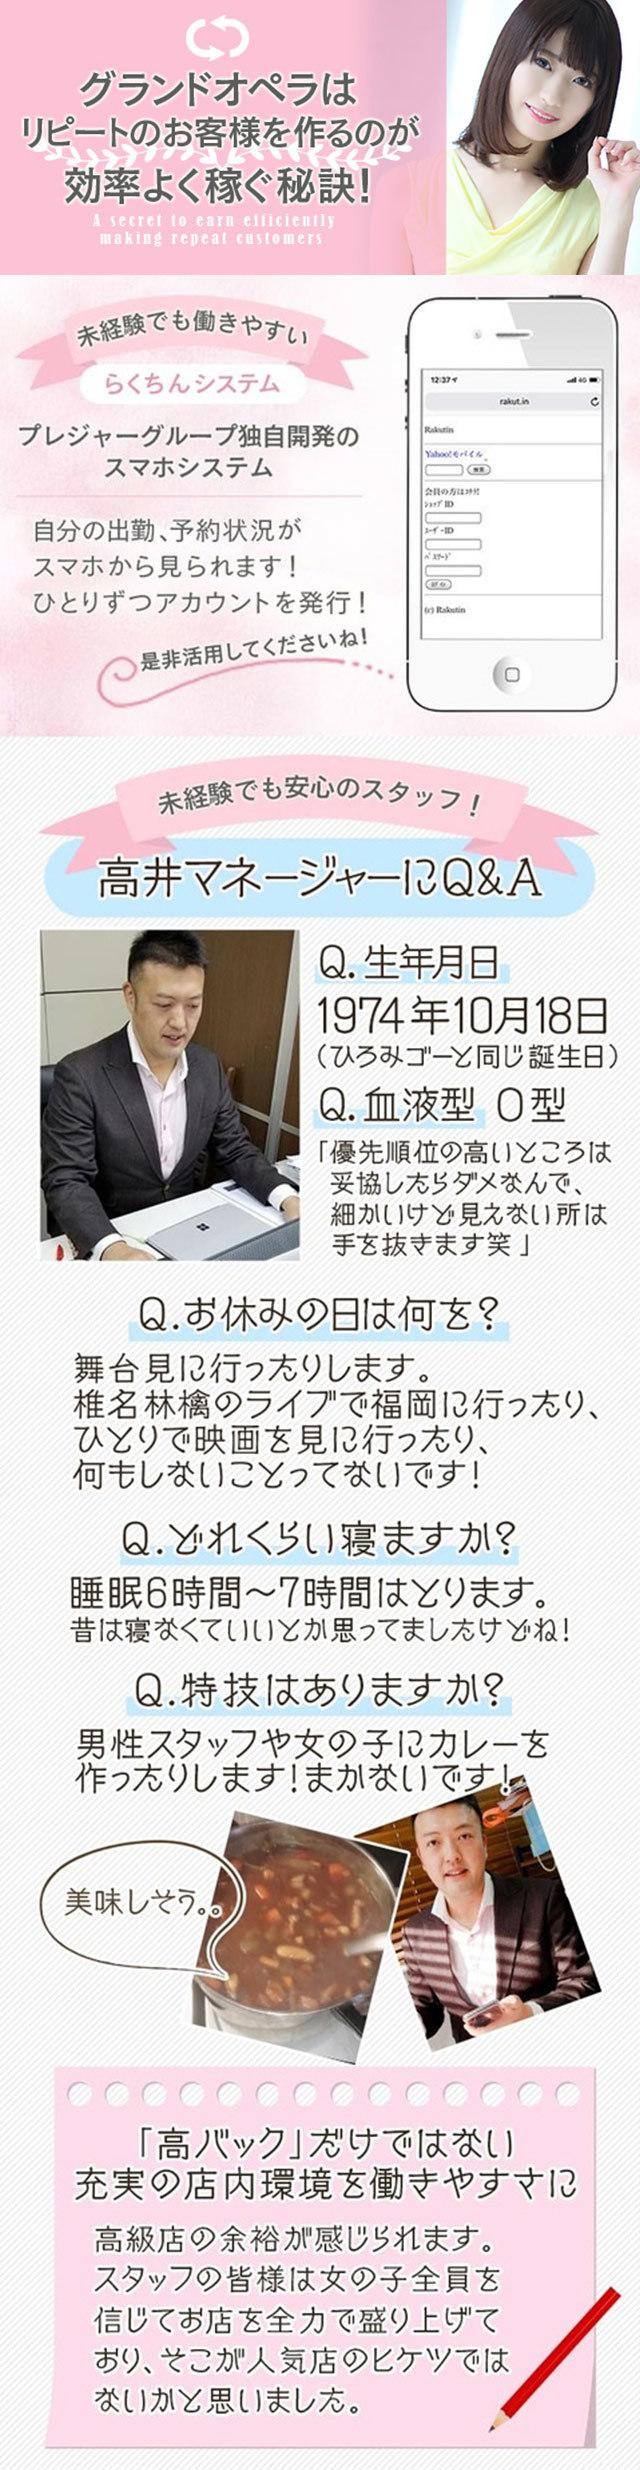 200414:グランドオペラ東京(品川掲載)_急募